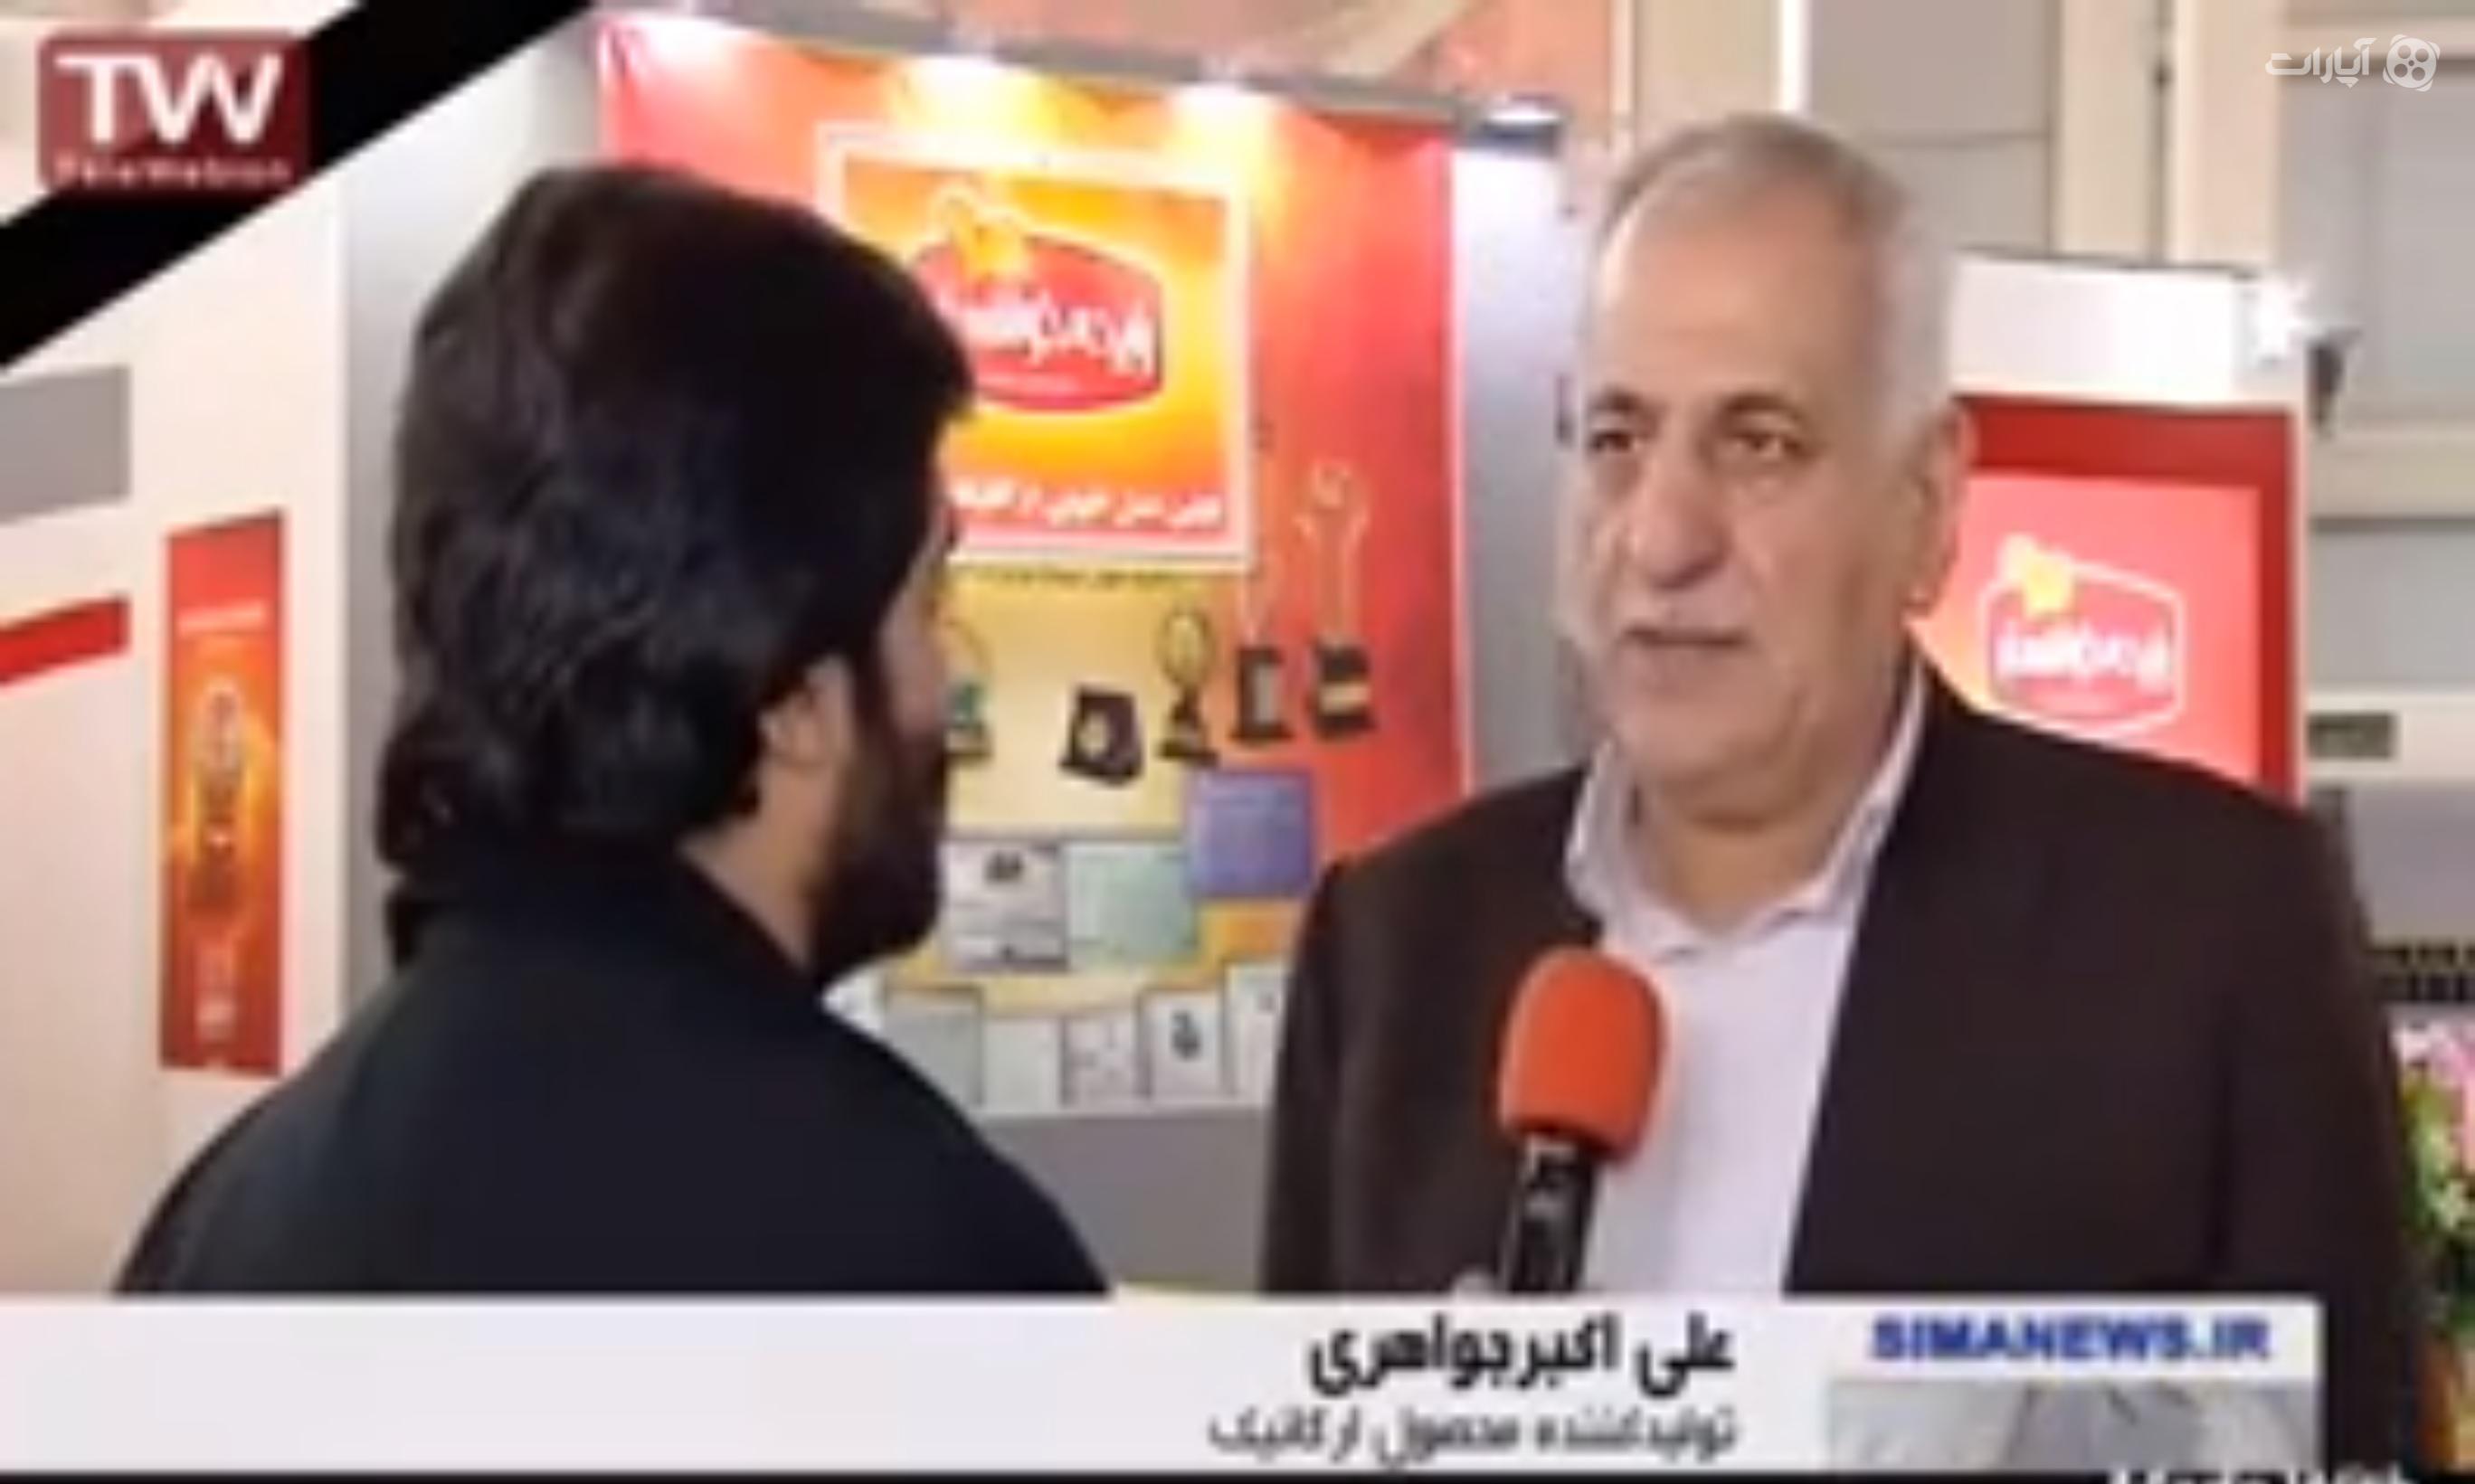 گزارشی از جشنواره محصولات ارگانیك تهران